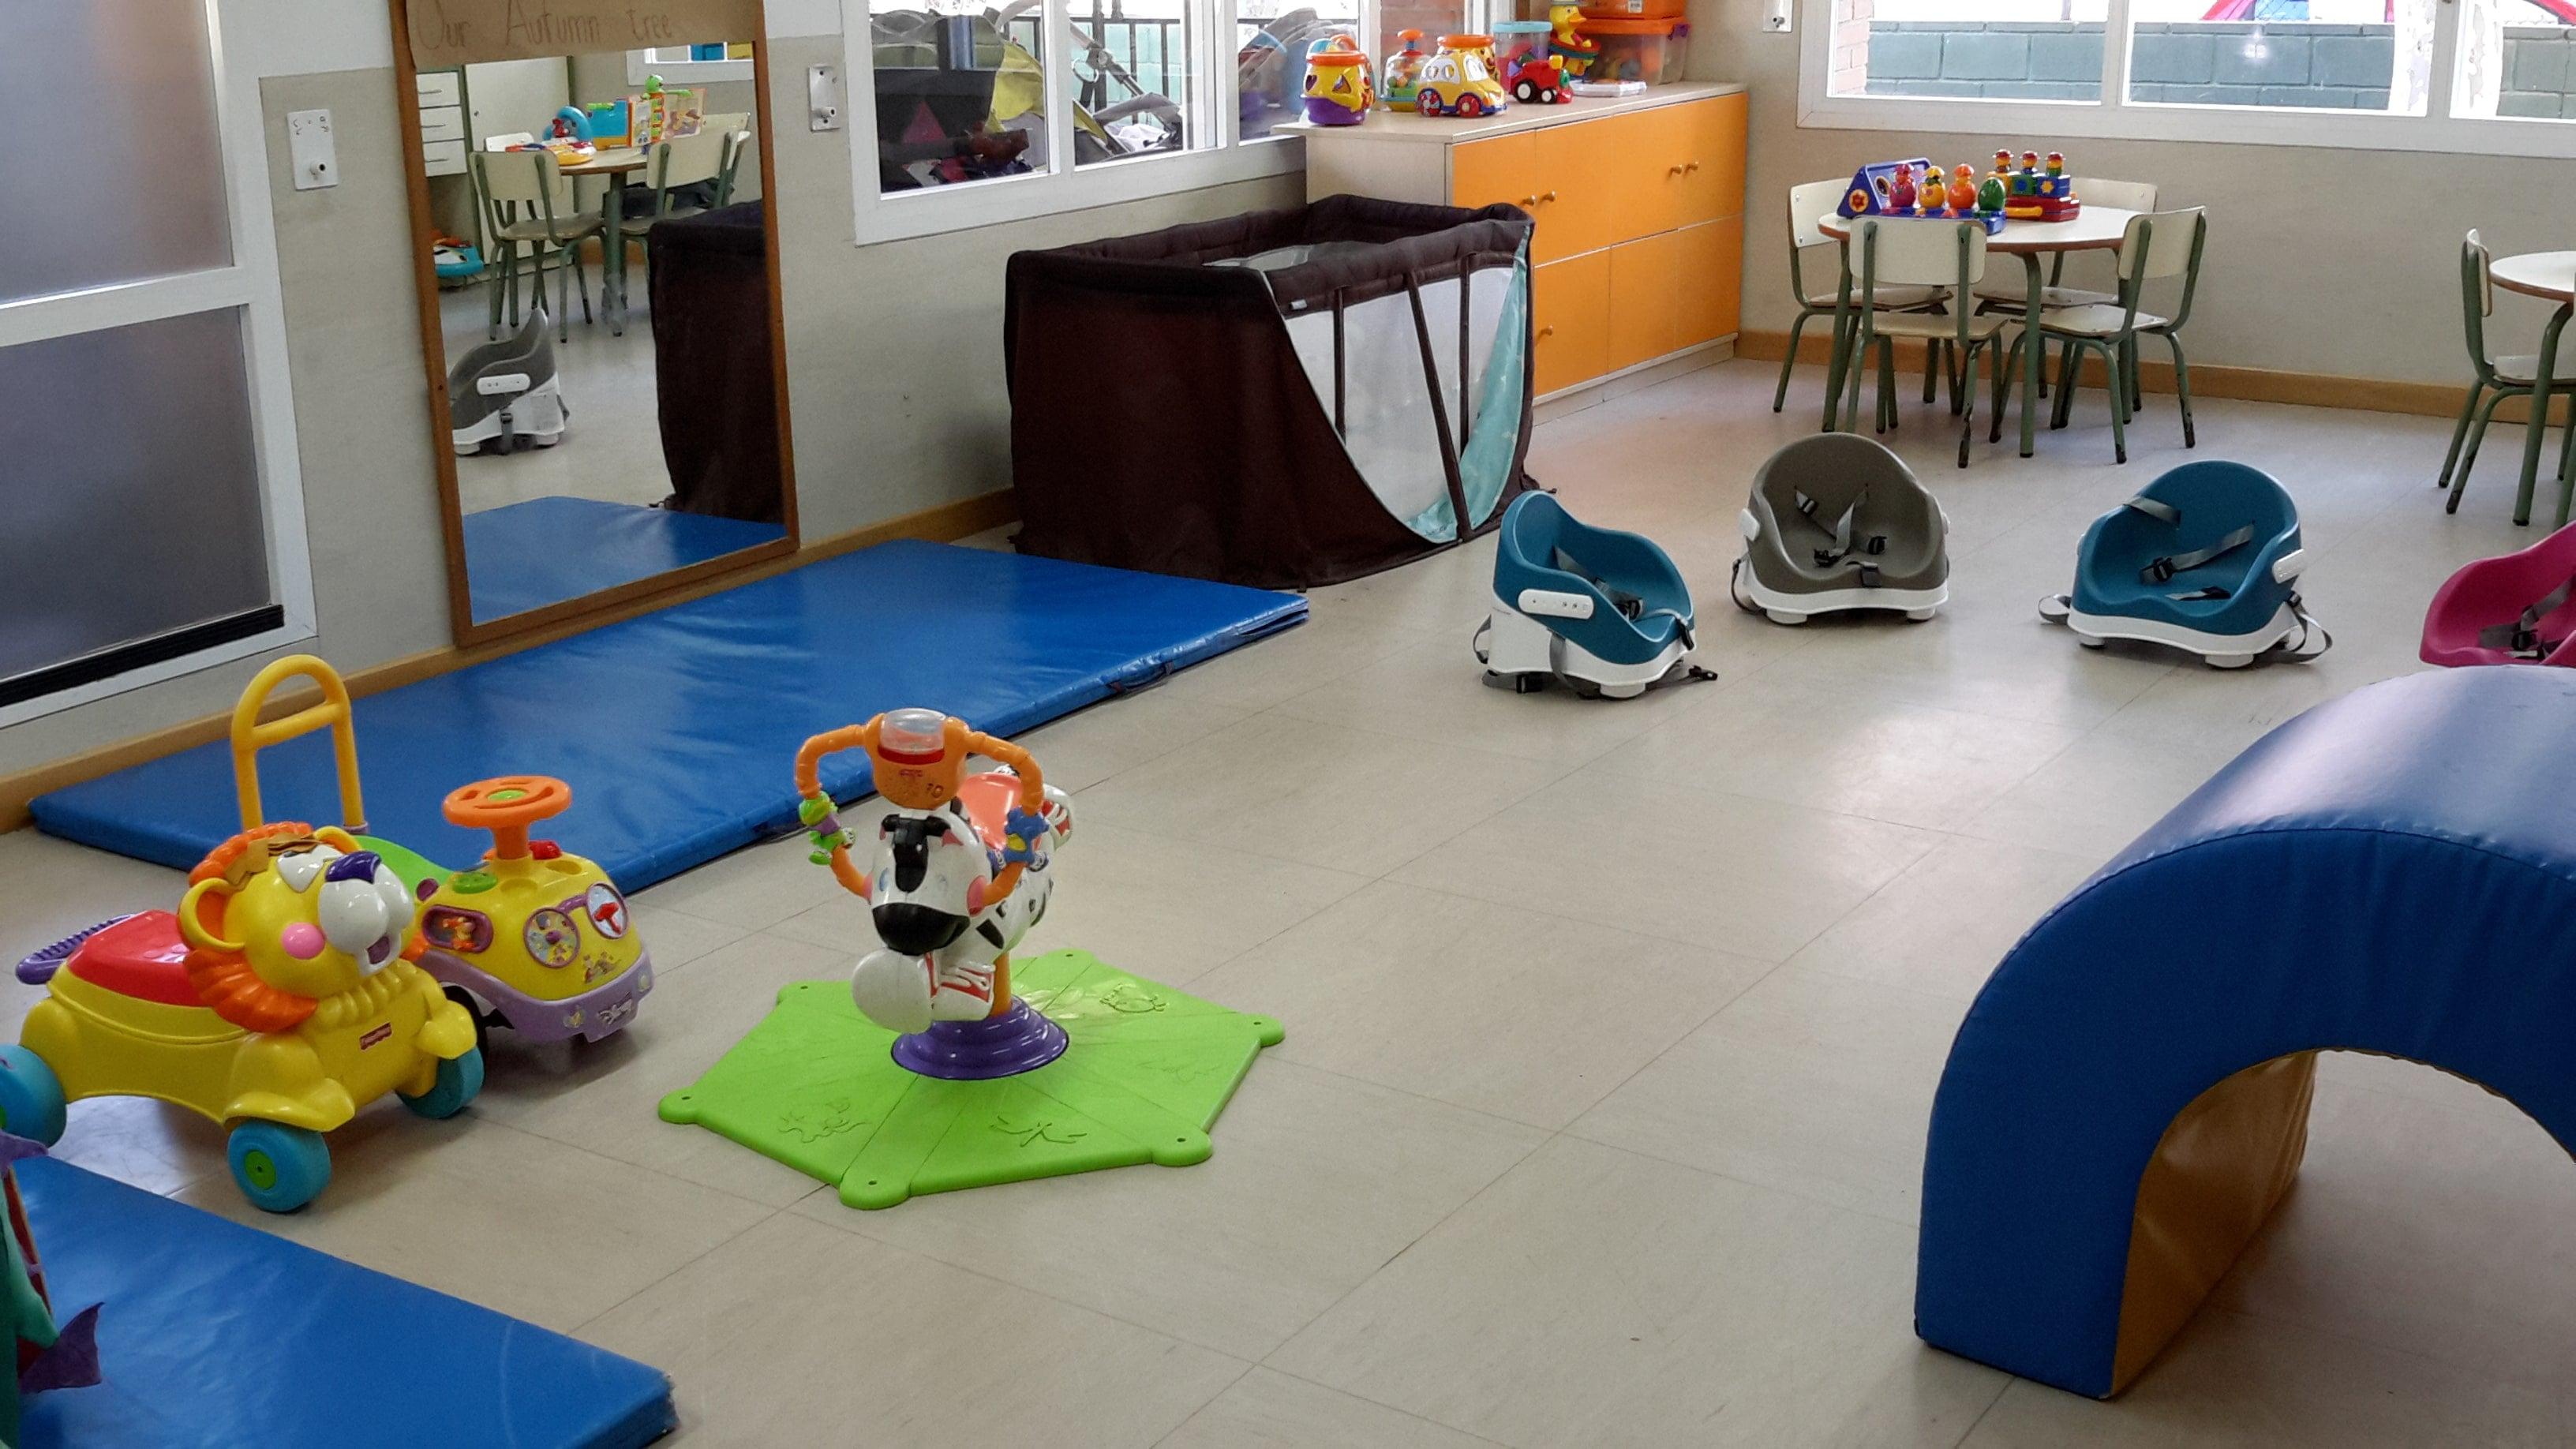 escuela infantil bilingüe en Valencia - juguetes y cuna